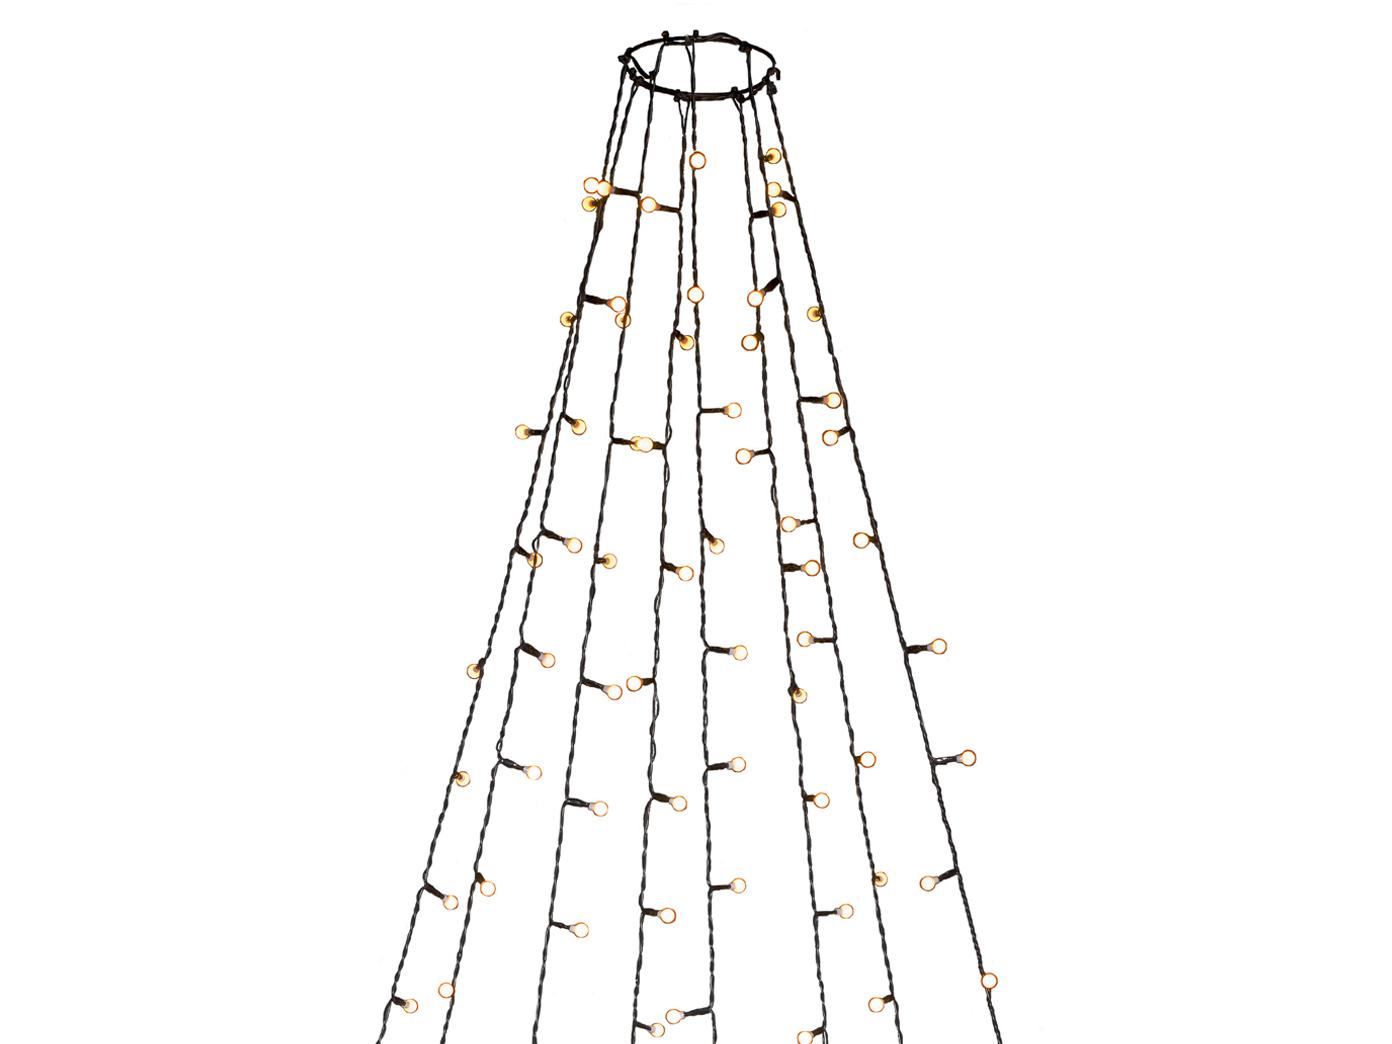 Lichterkette Weihnachtsbaum Außen.Lichterkette Für Außen 560 Bernsteinfarbene Led S Weihnachtsbaum Beleuchtung